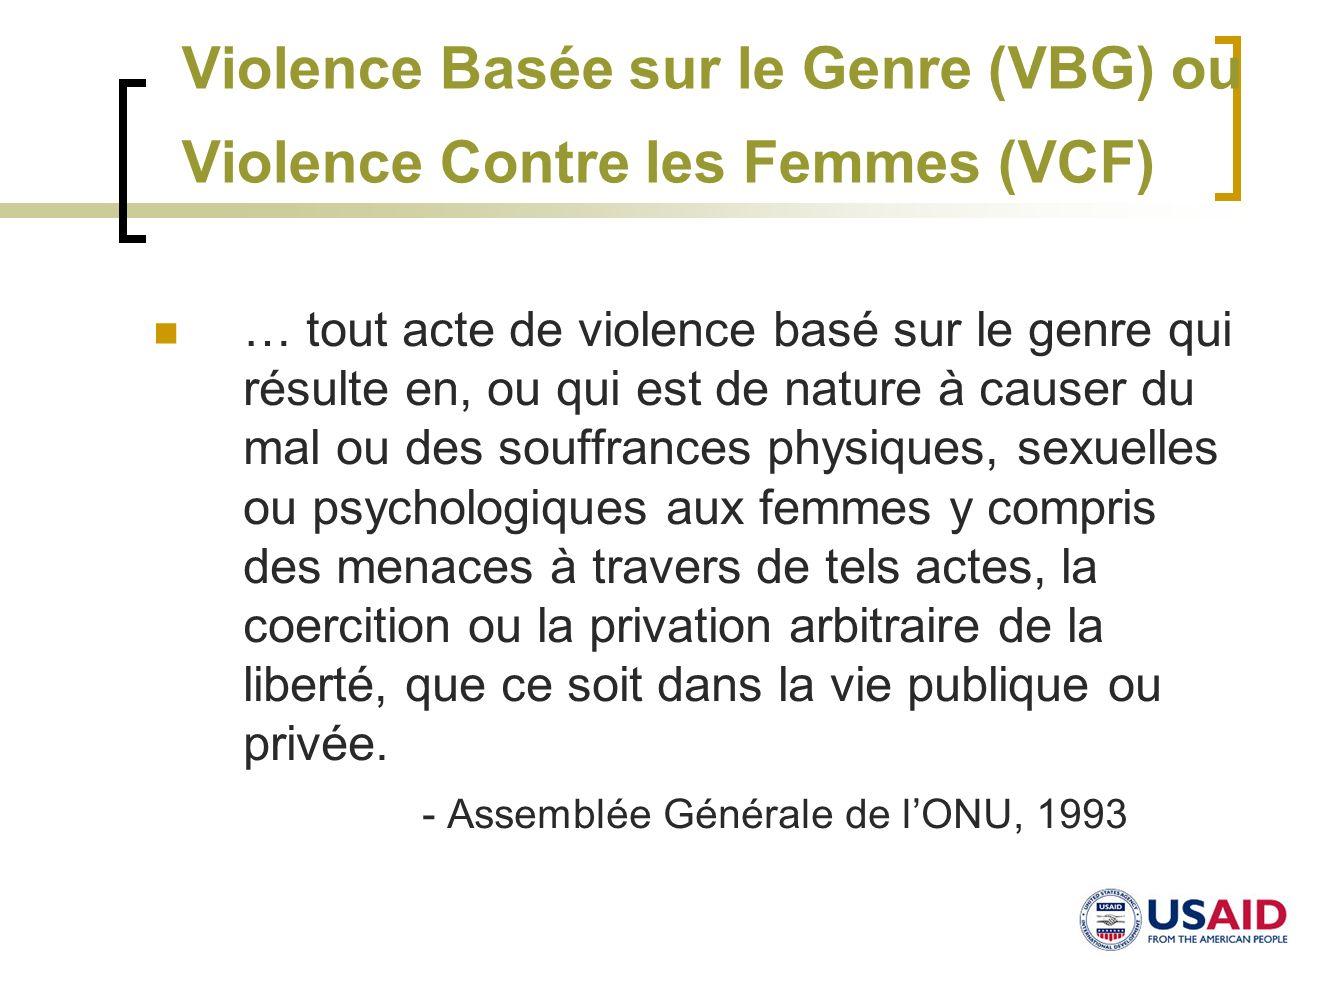 Violence Basée sur le Genre (VBG) ou Violence Contre les Femmes (VCF) … tout acte de violence basé sur le genre qui résulte en, ou qui est de nature à